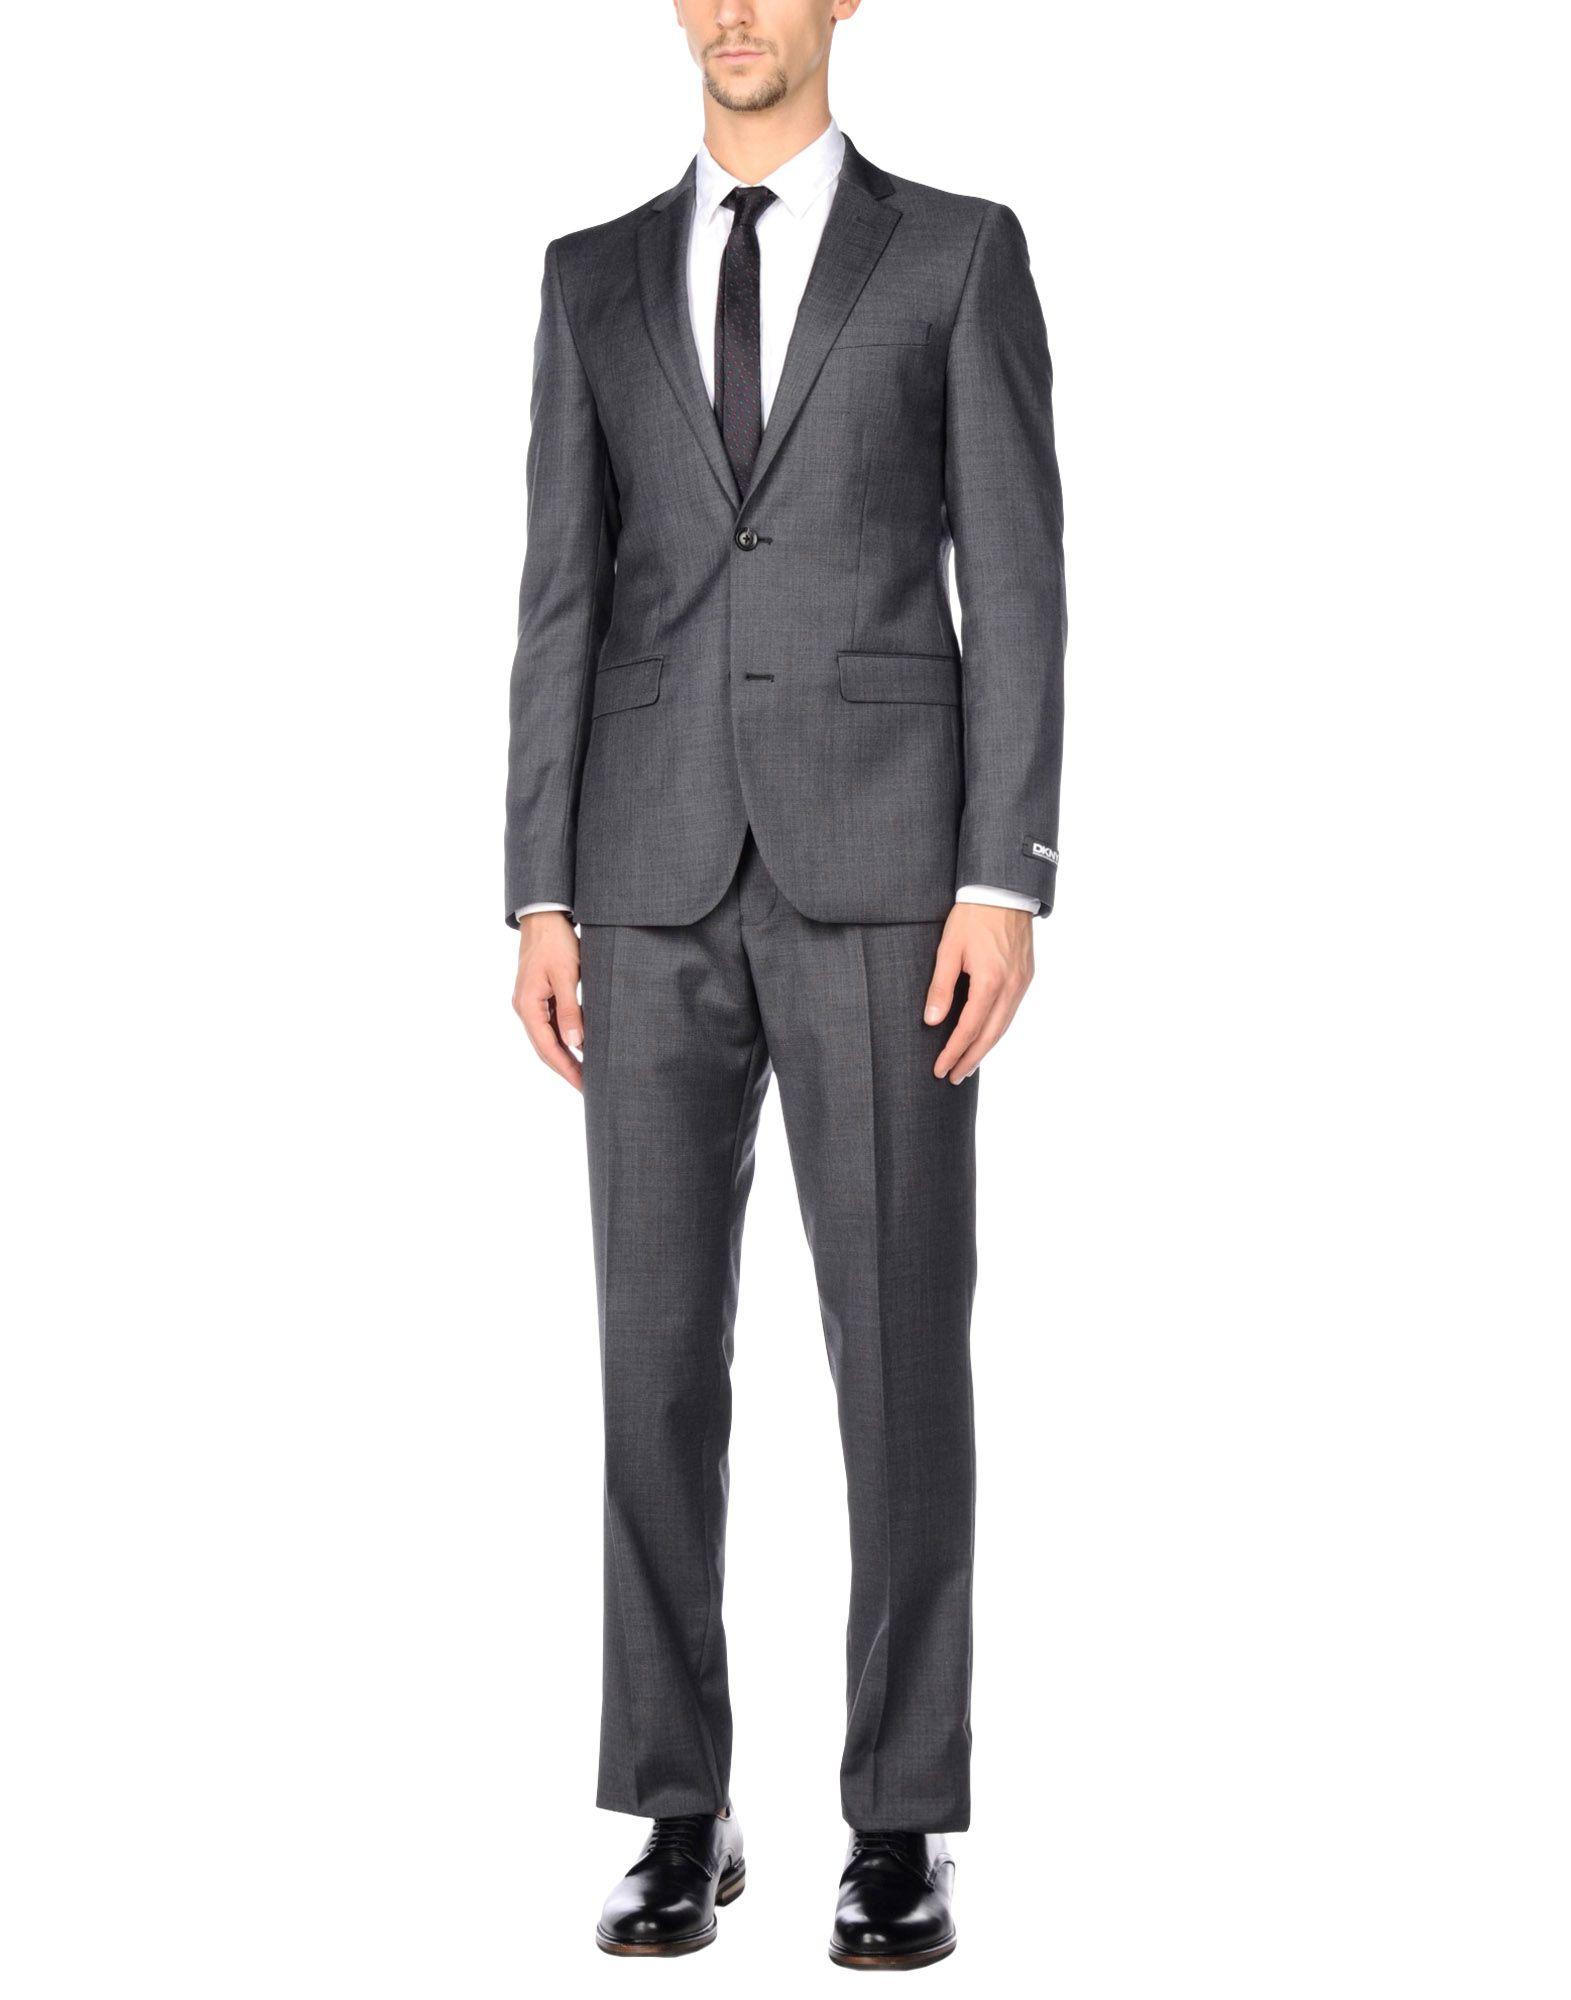 DKNY Herren Anzug Farbe Blei Größe 5